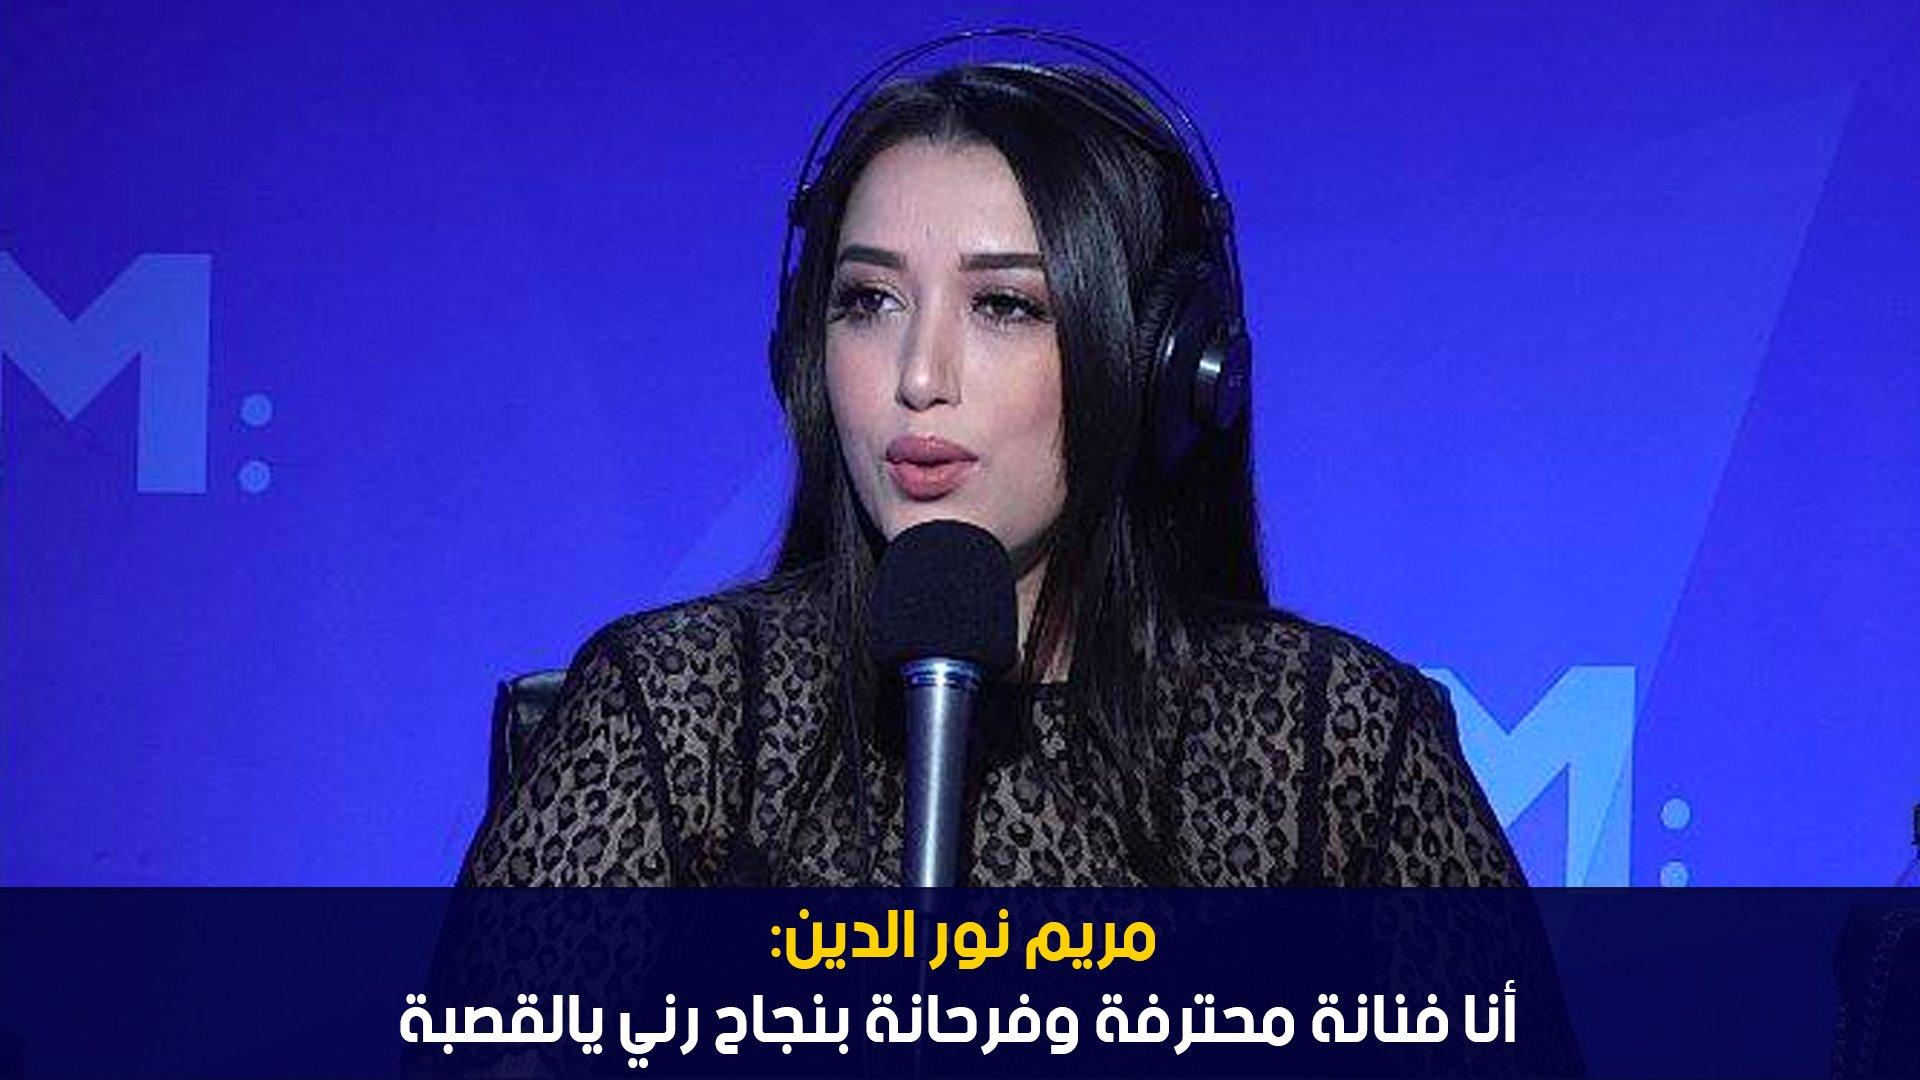 مريم نور الدين: أنا فنانة محترفة وفرحانة بنجاح رني يالقصبة